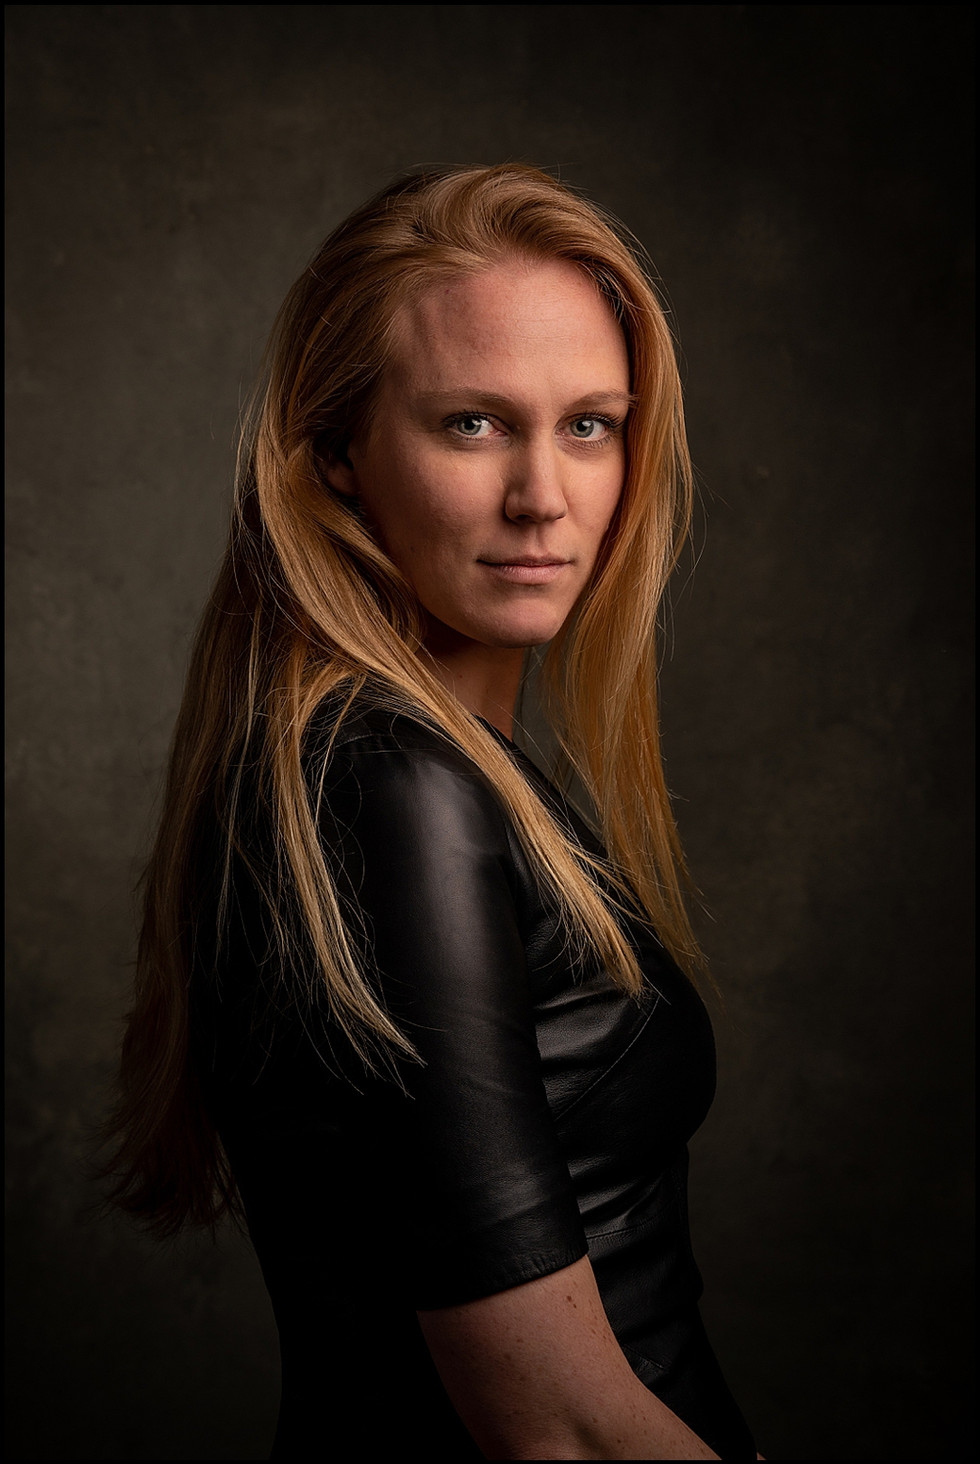 Portret fotograaf Wageningen